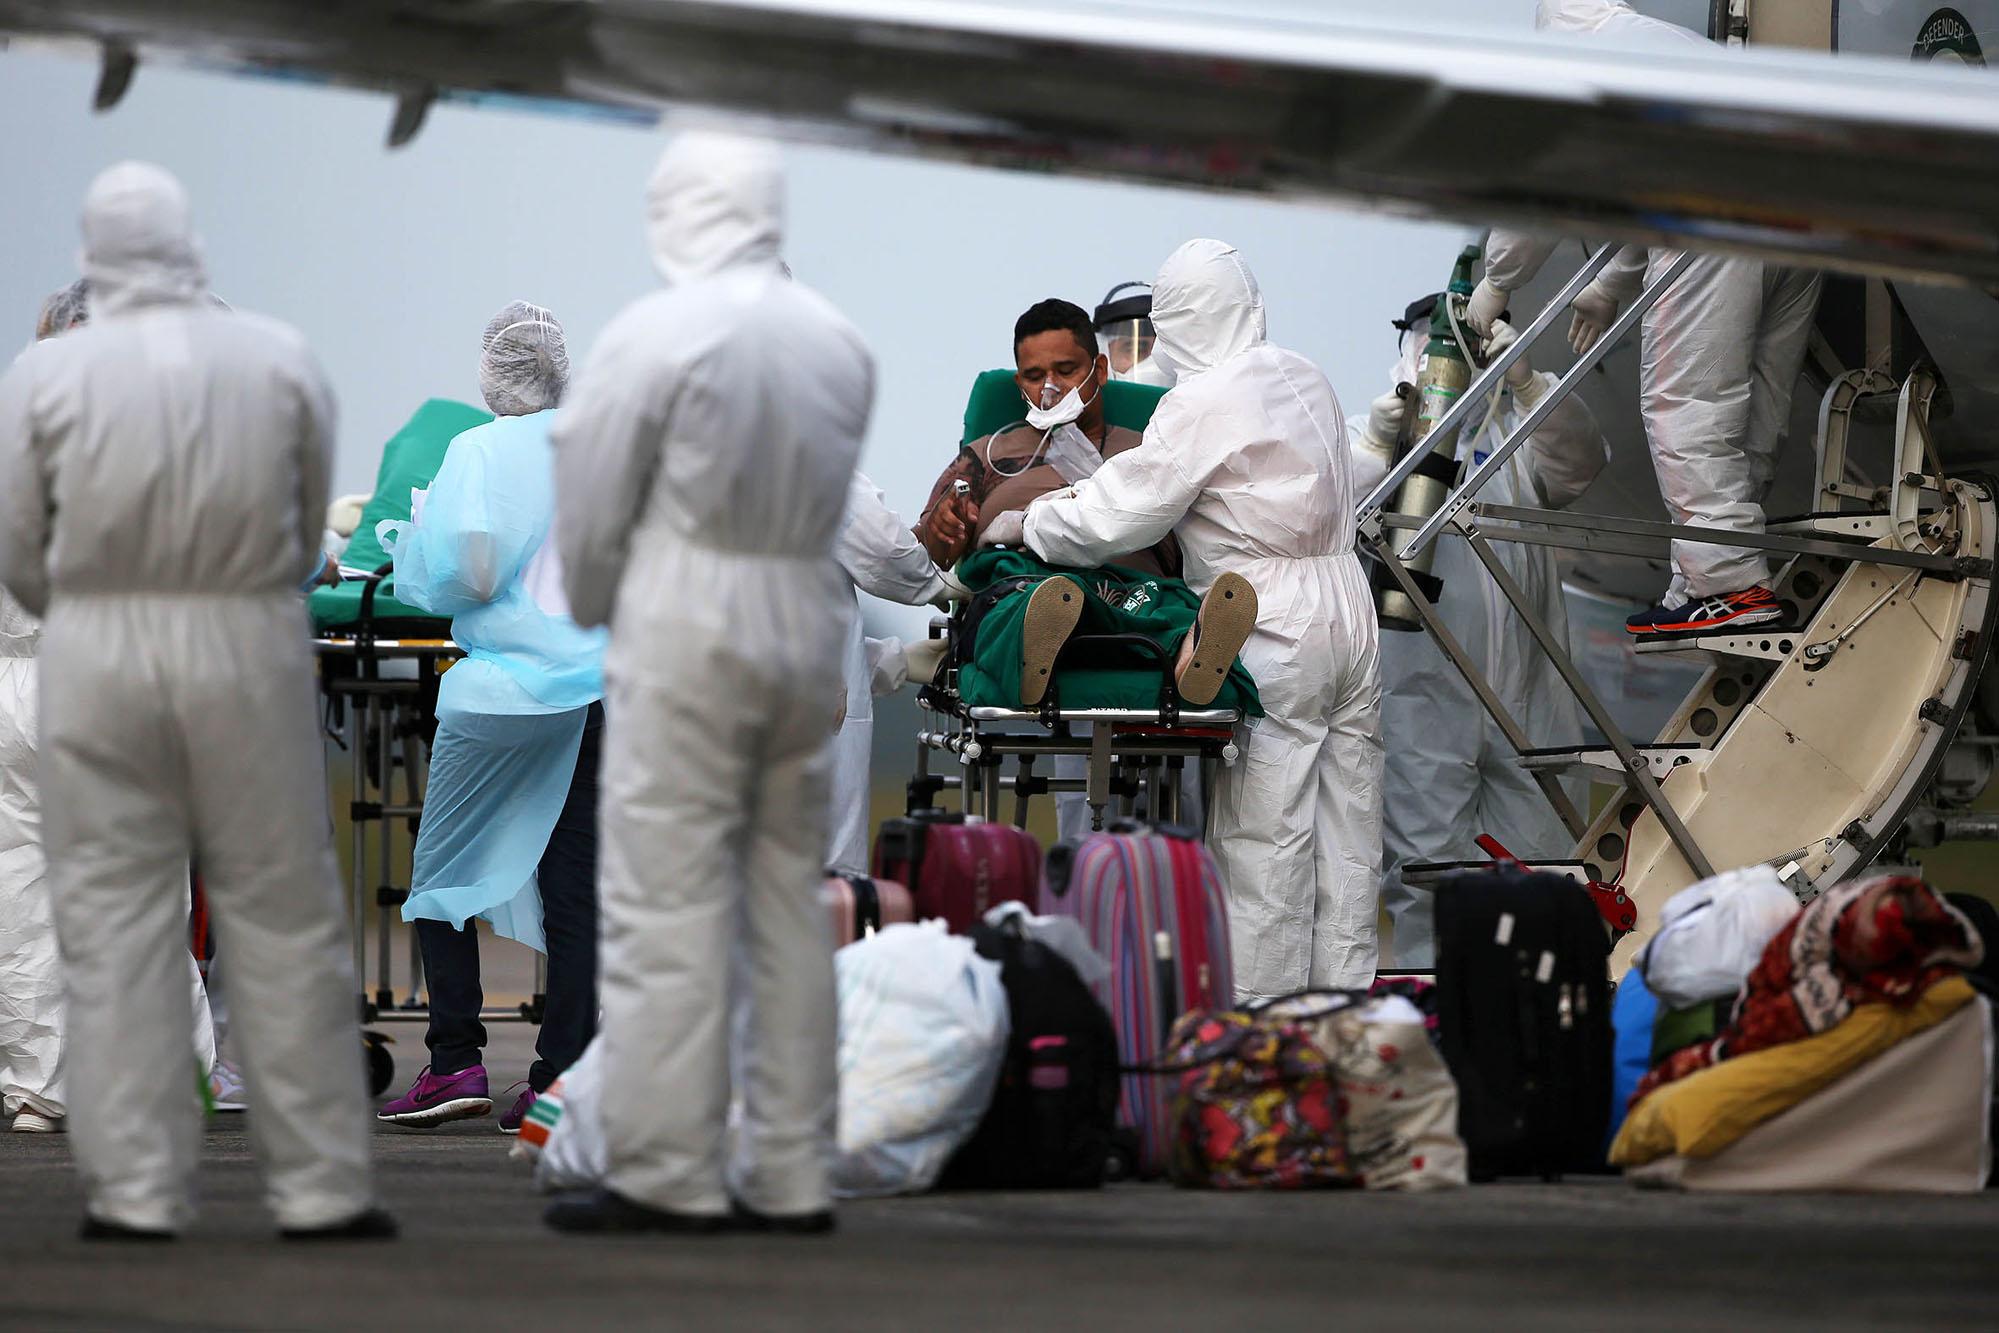 Caos na Pandemia: Interior e outros estados sofrem com colapso da saúde em Manaus